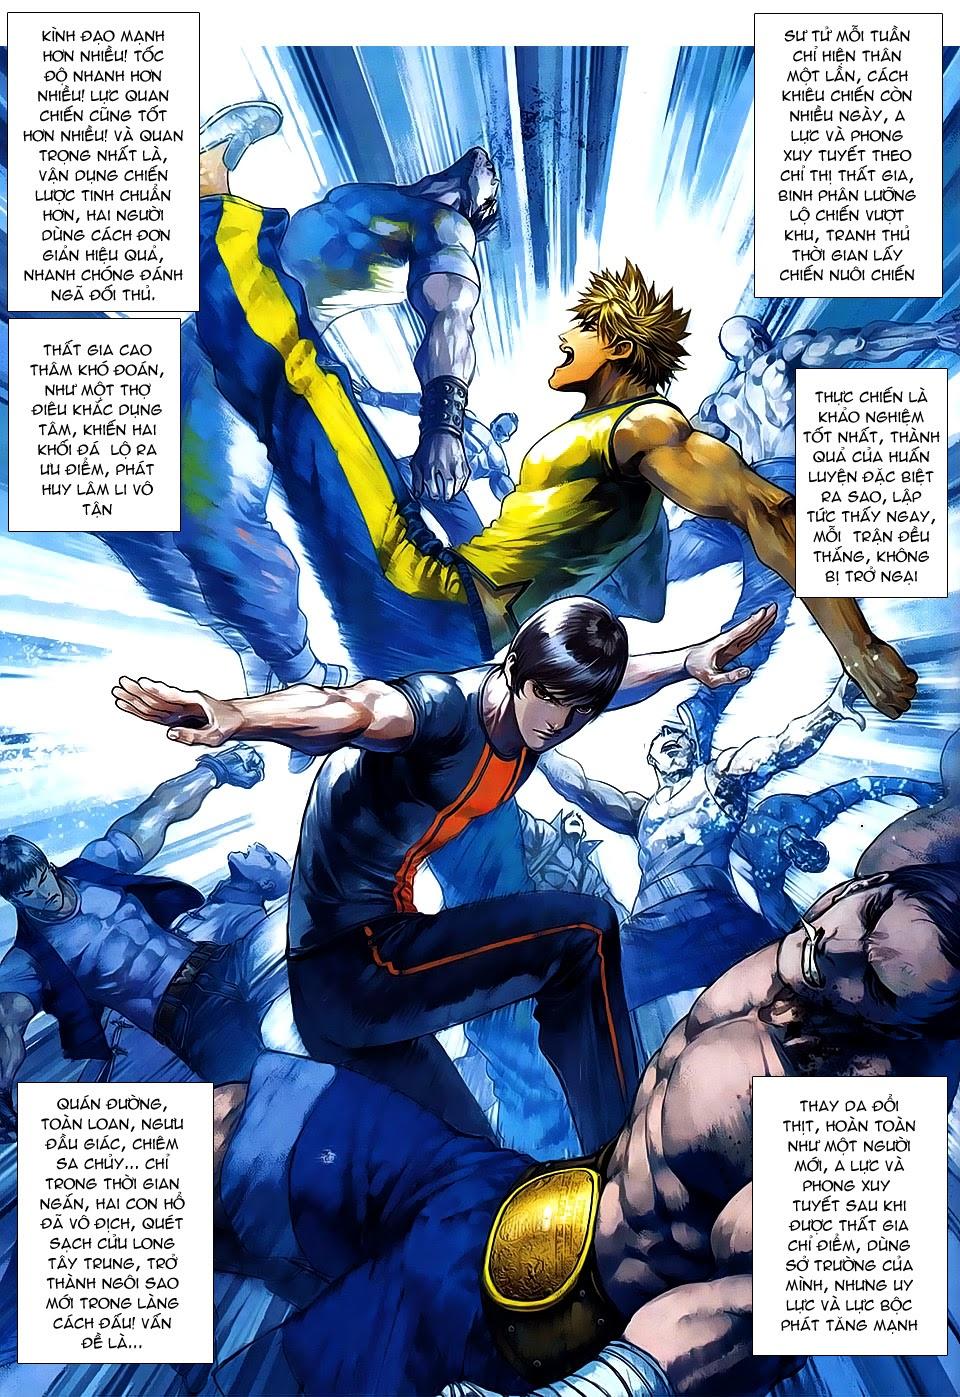 Quyền Đạo chapter 9 trang 11